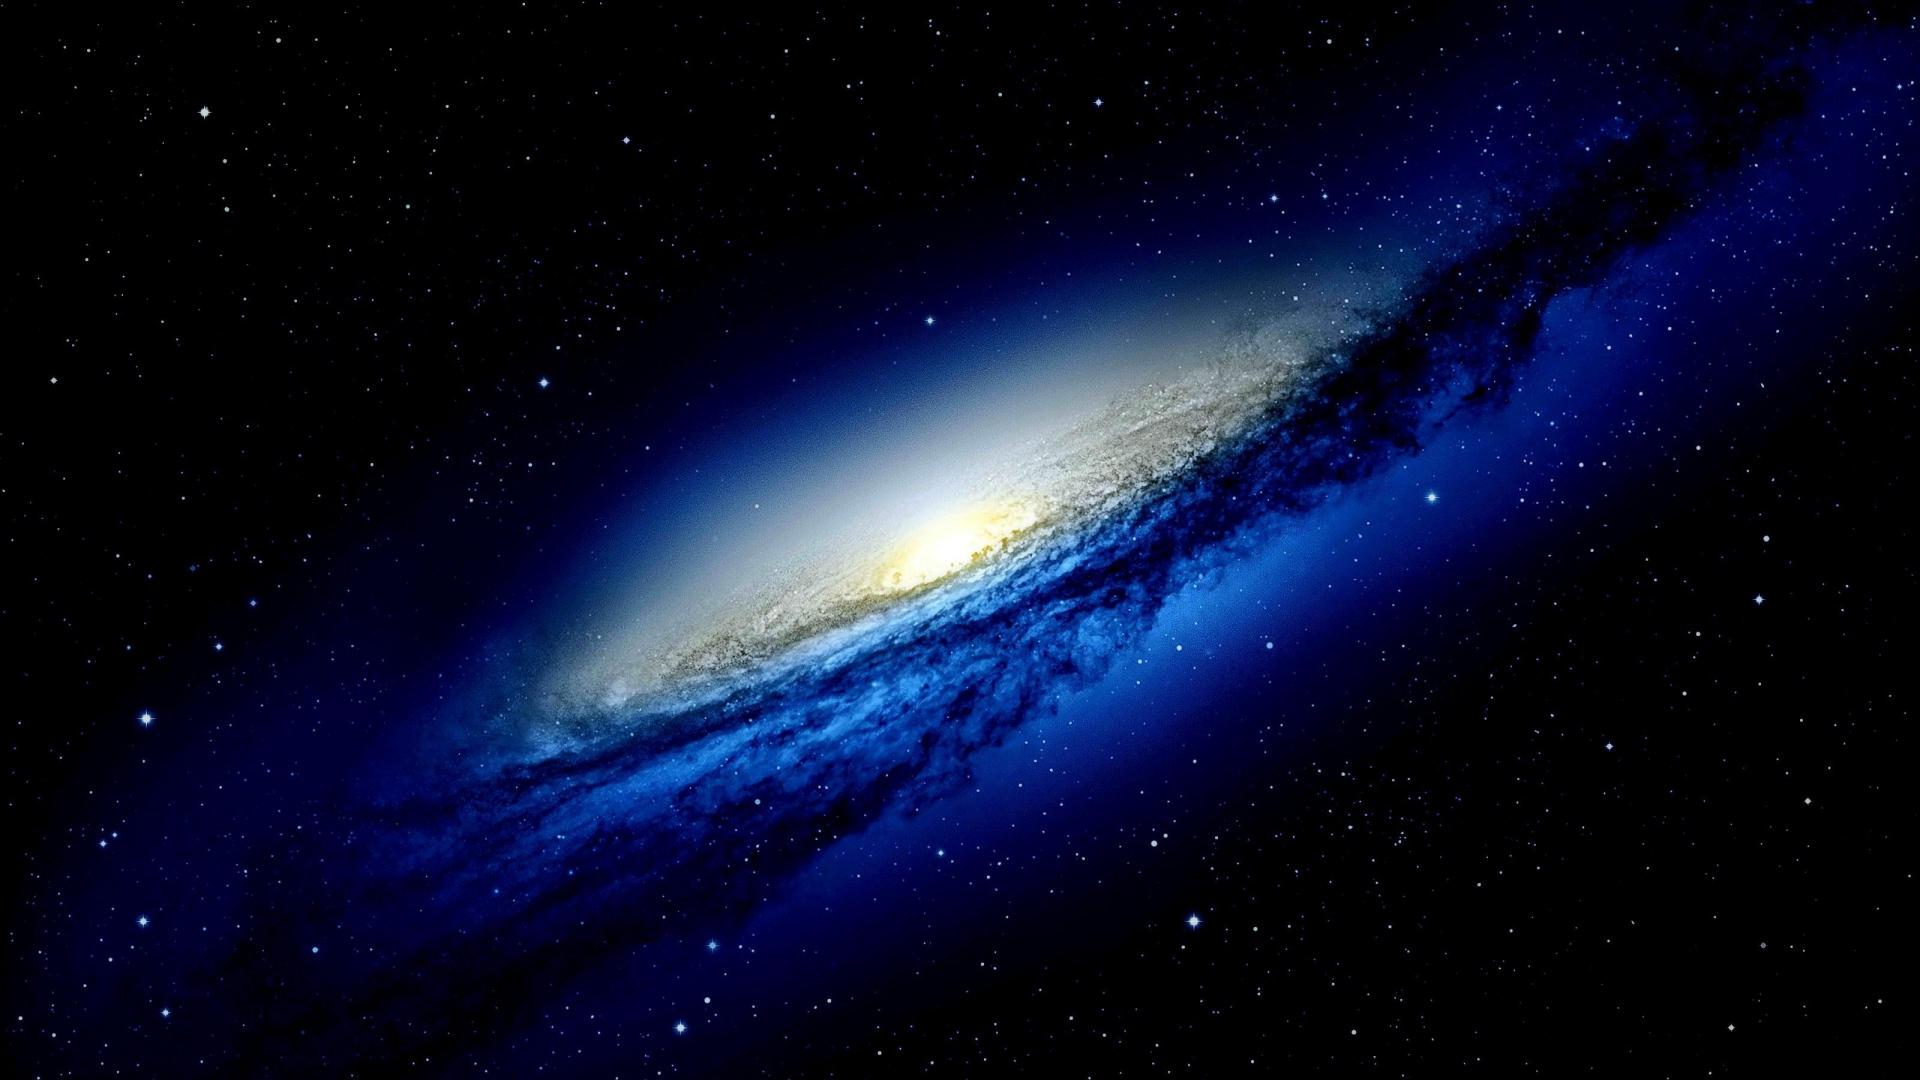 Download wallpaper 1920x1080 galaxy circle nebula - 1080p nebula wallpaper ...